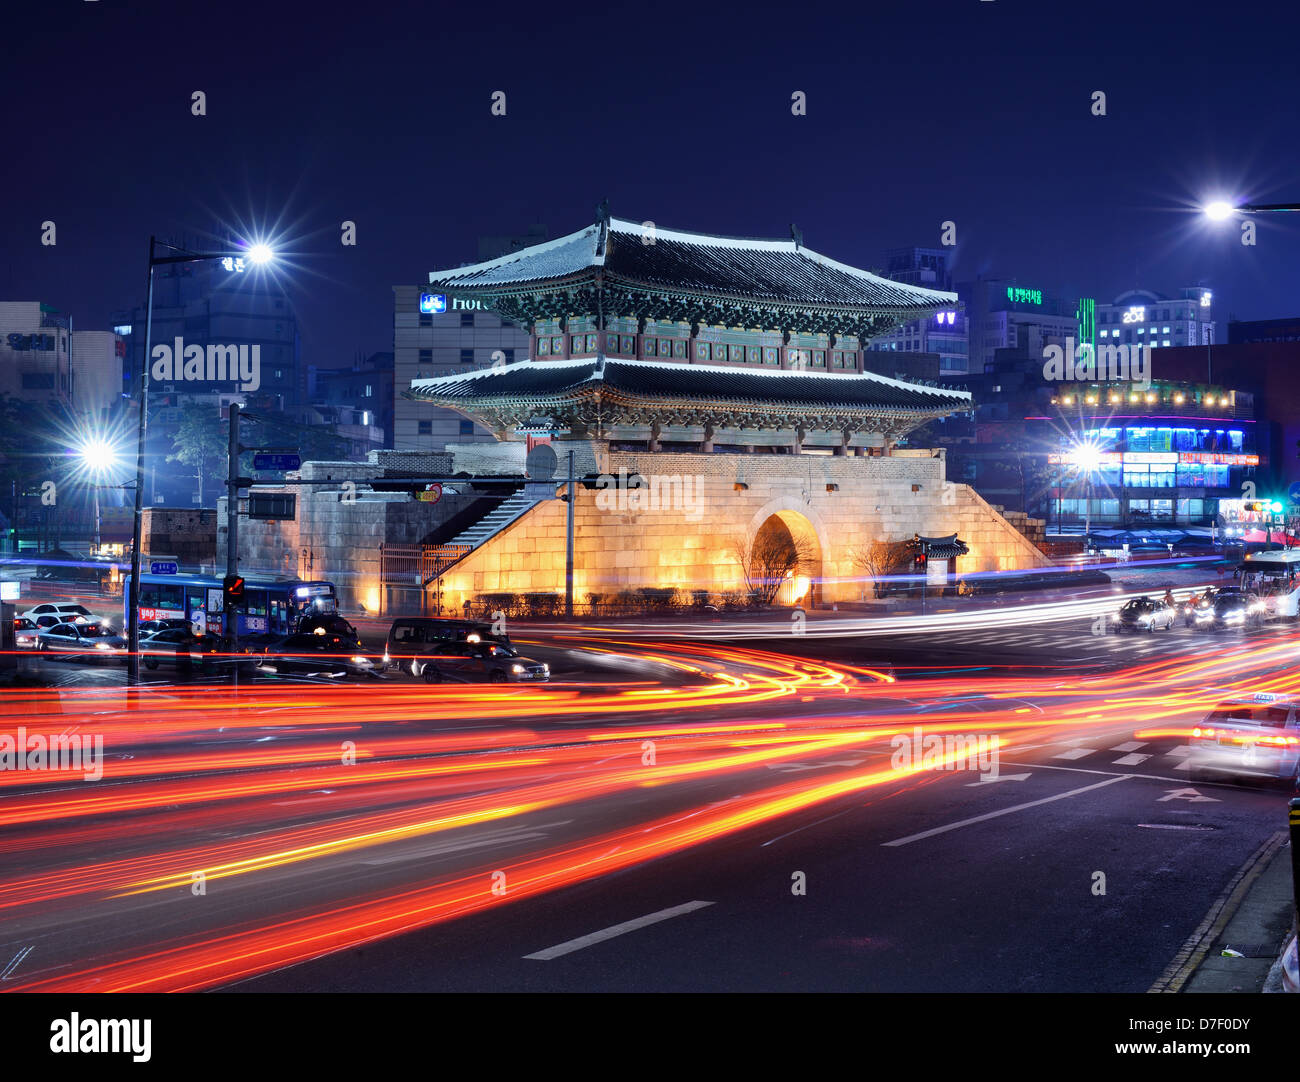 Porte Dongdaemun et la ville de Séoul, Corée du Sud. Photo Stock